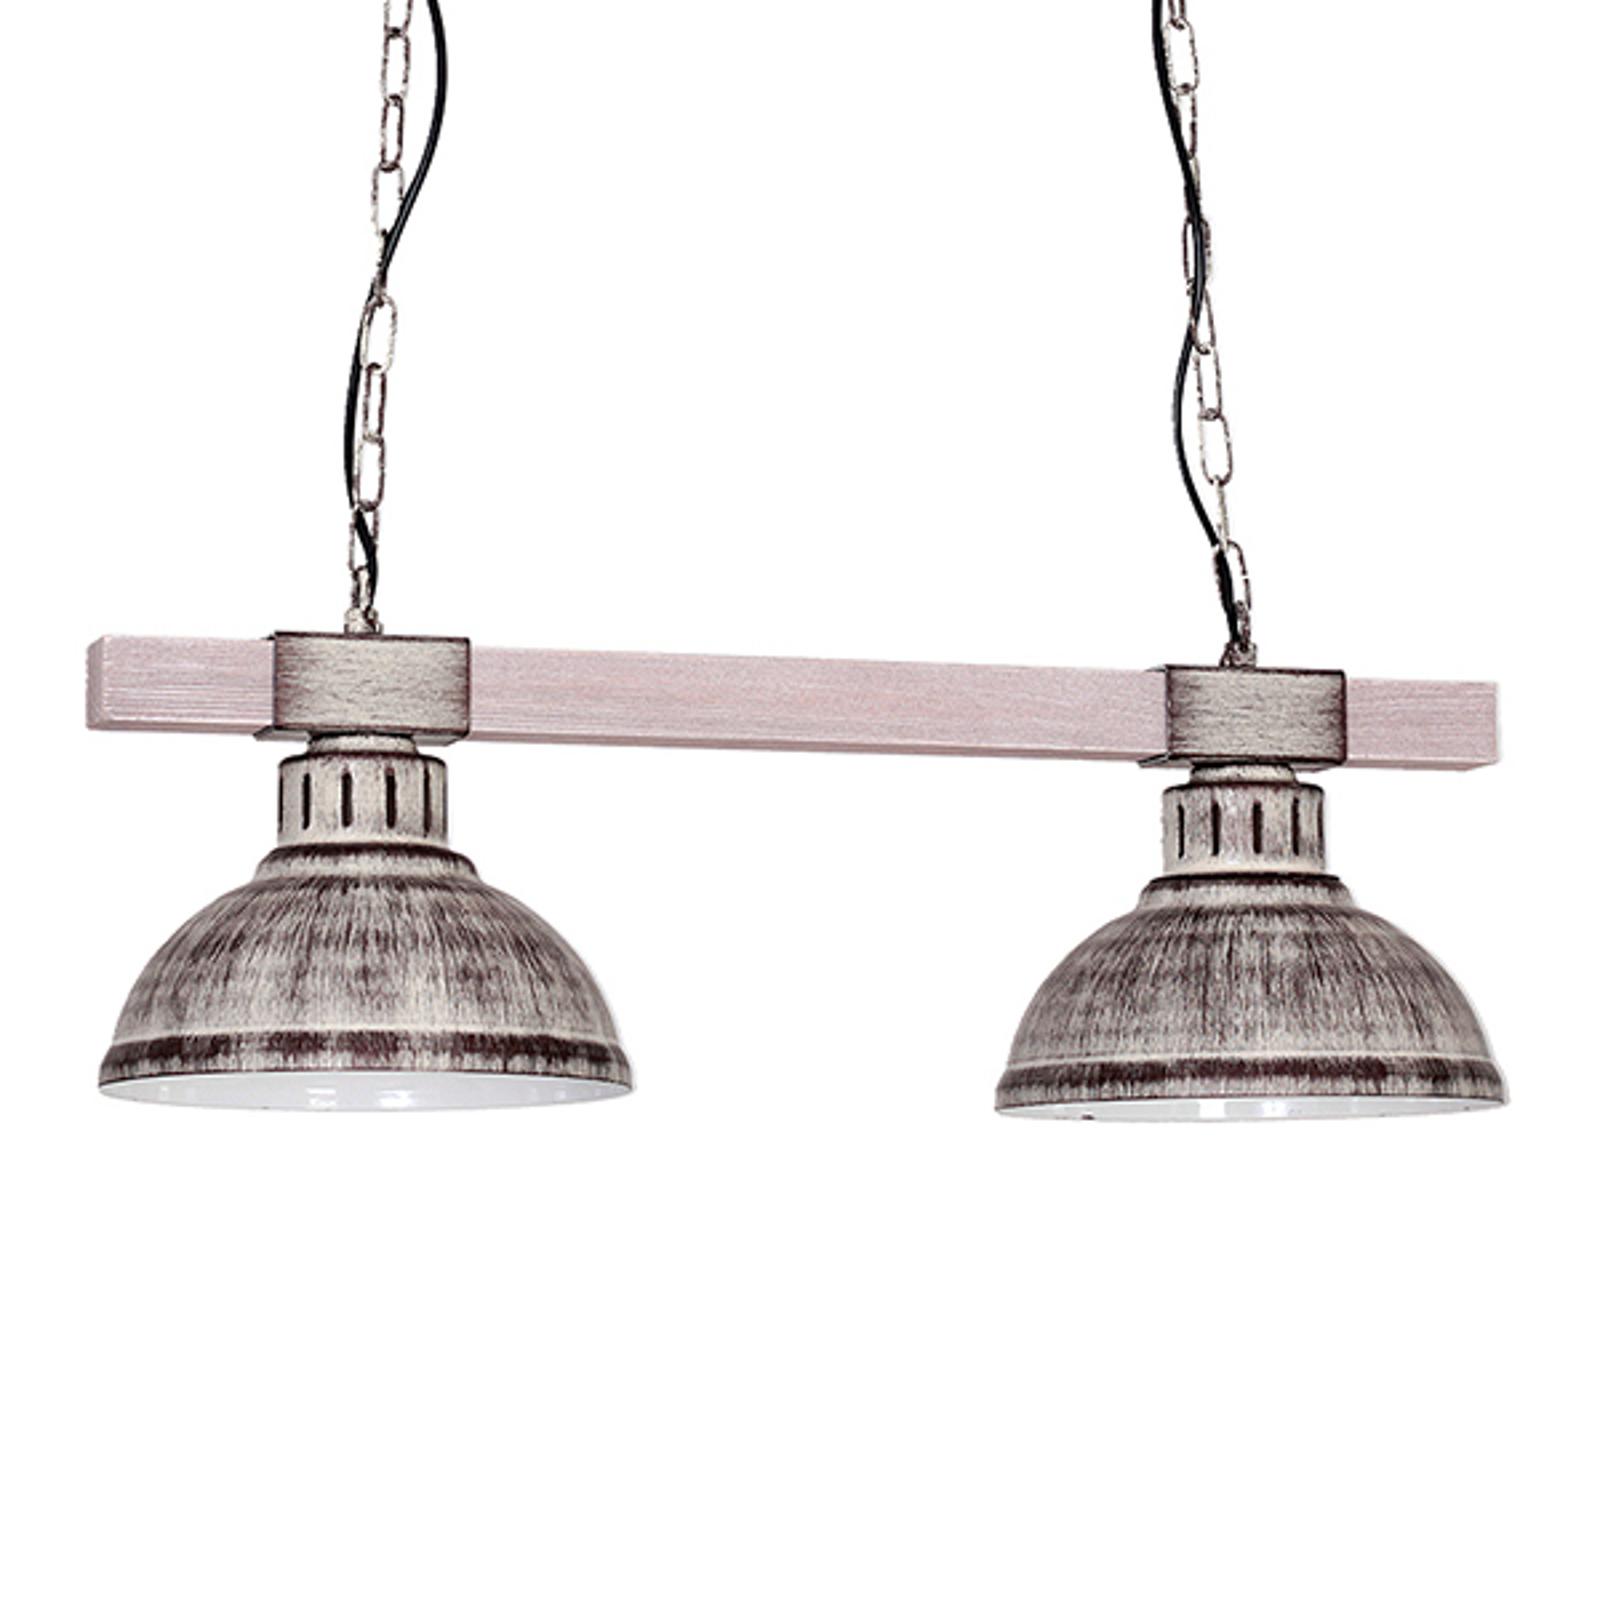 Hanglamp Hakon 2-lamps gebleekt/hout licht